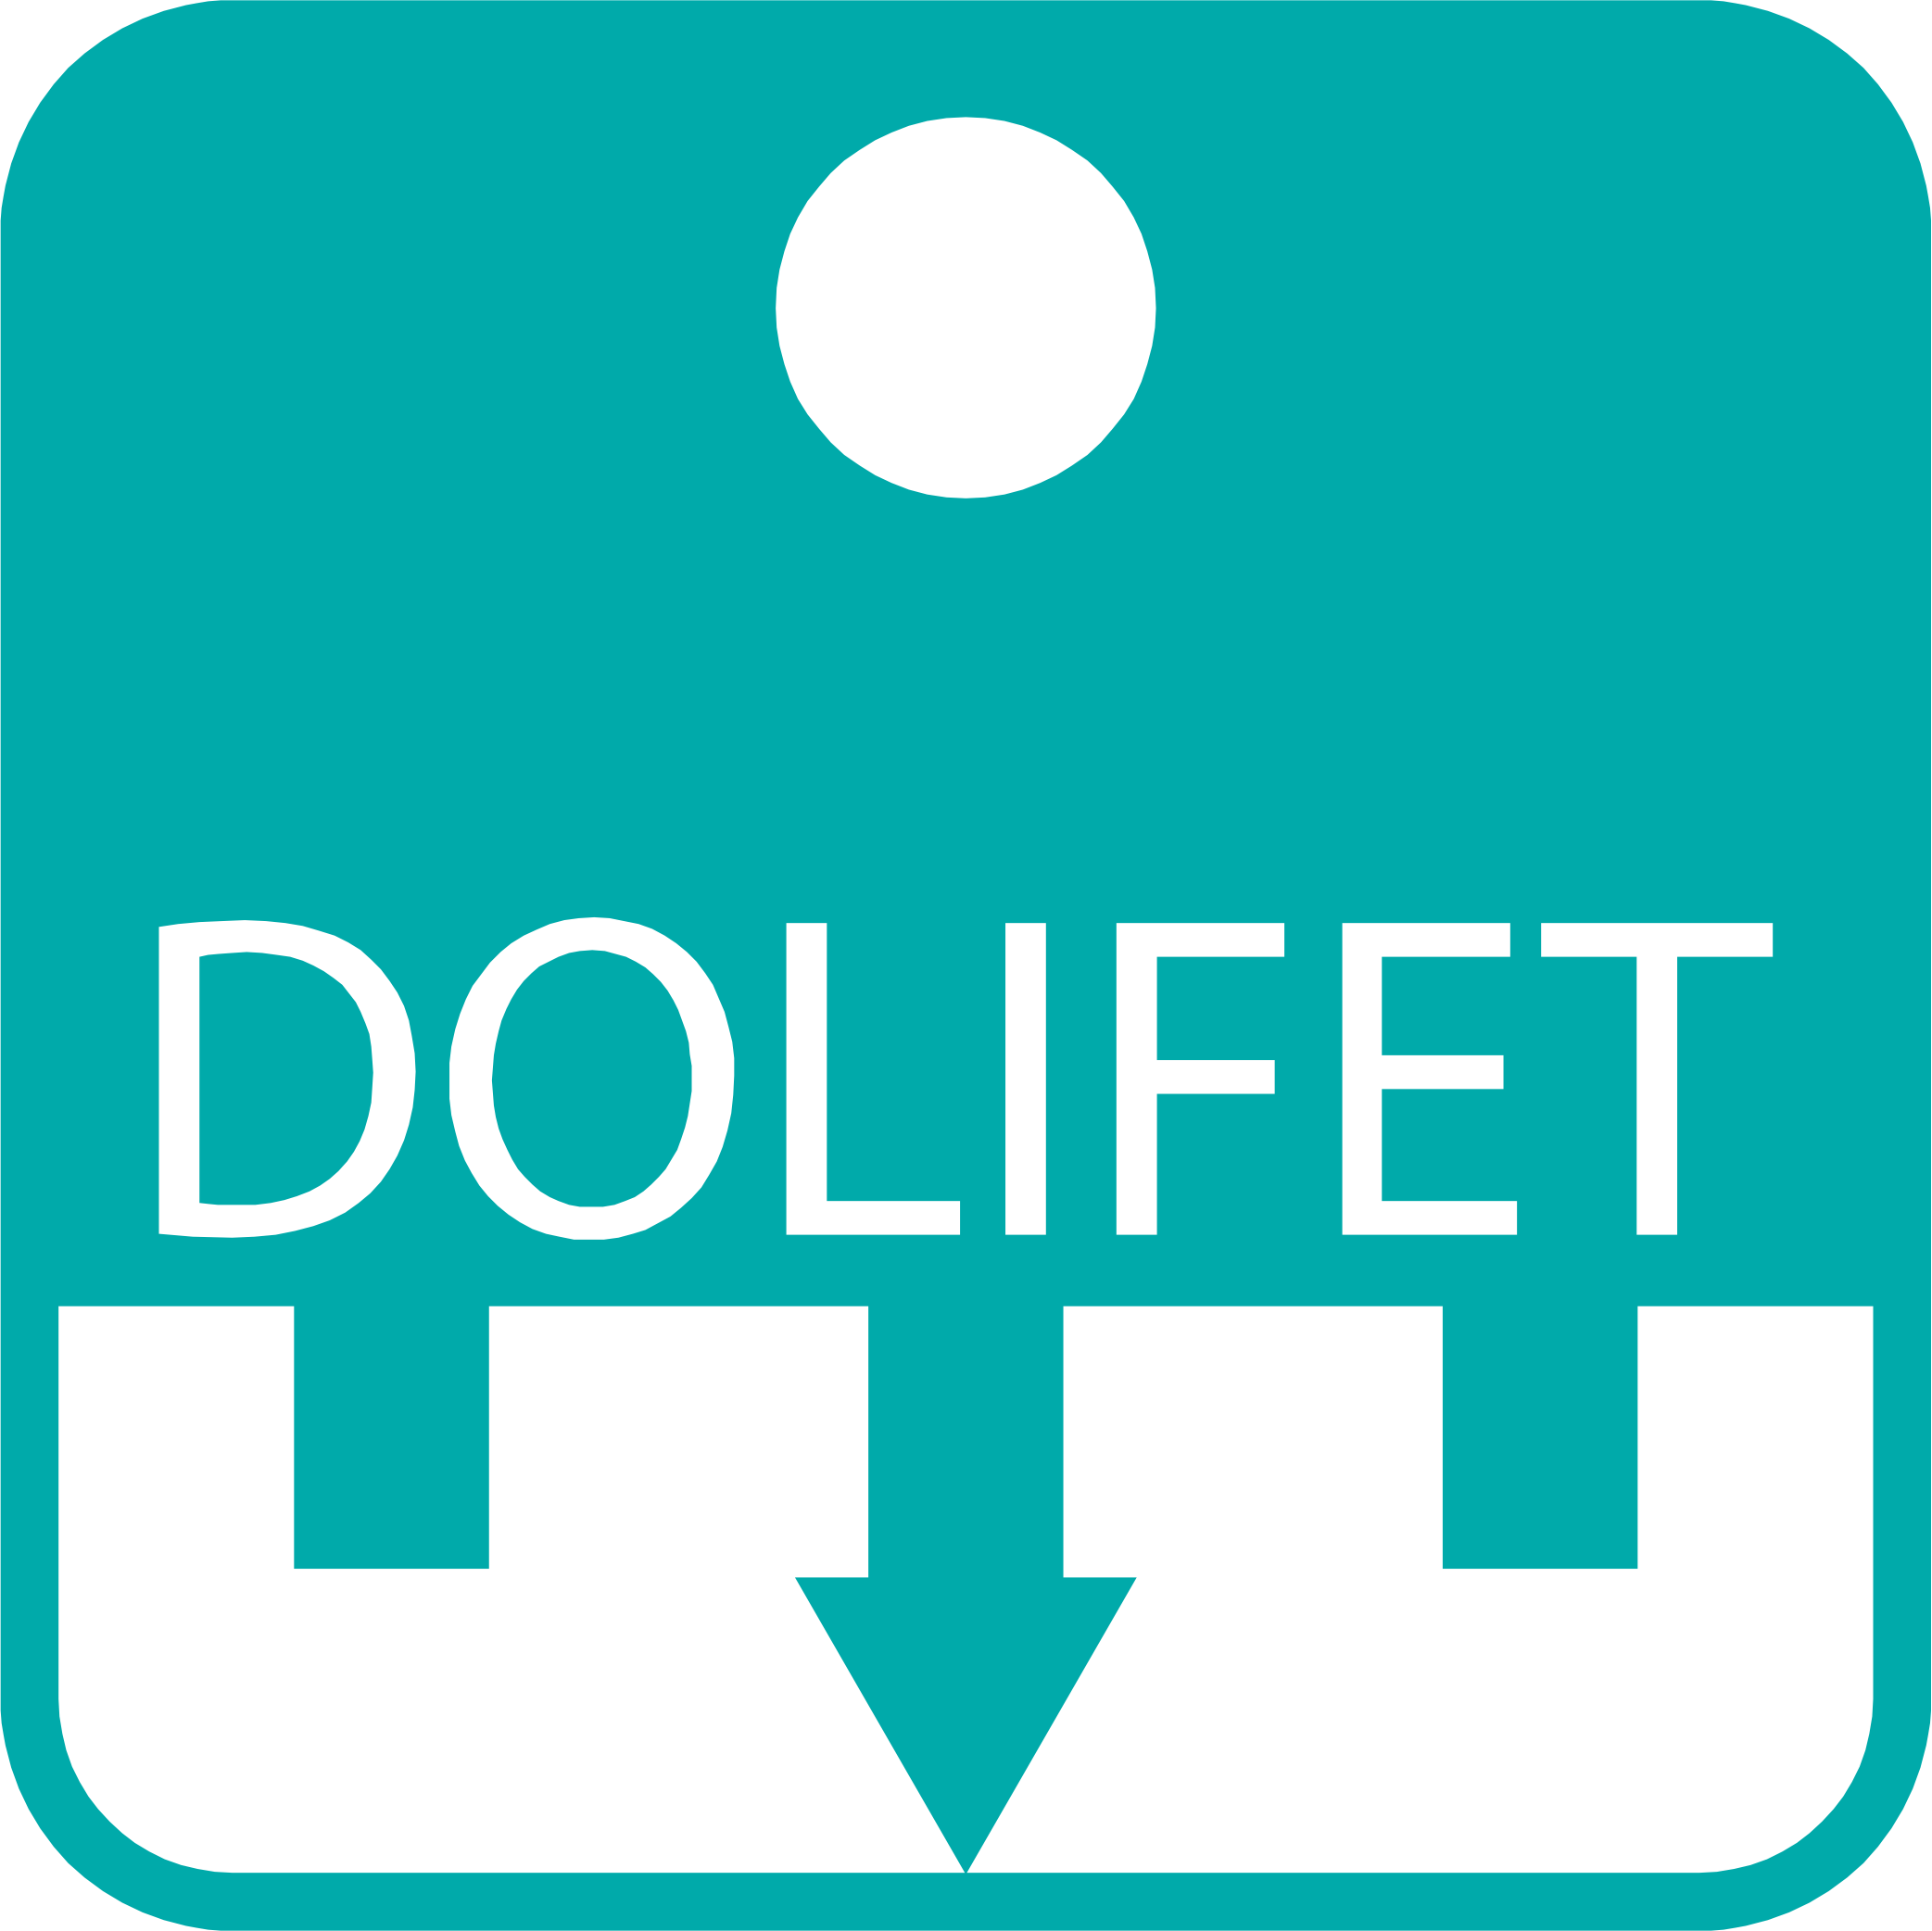 ABACUS Dolifet-Endstufen